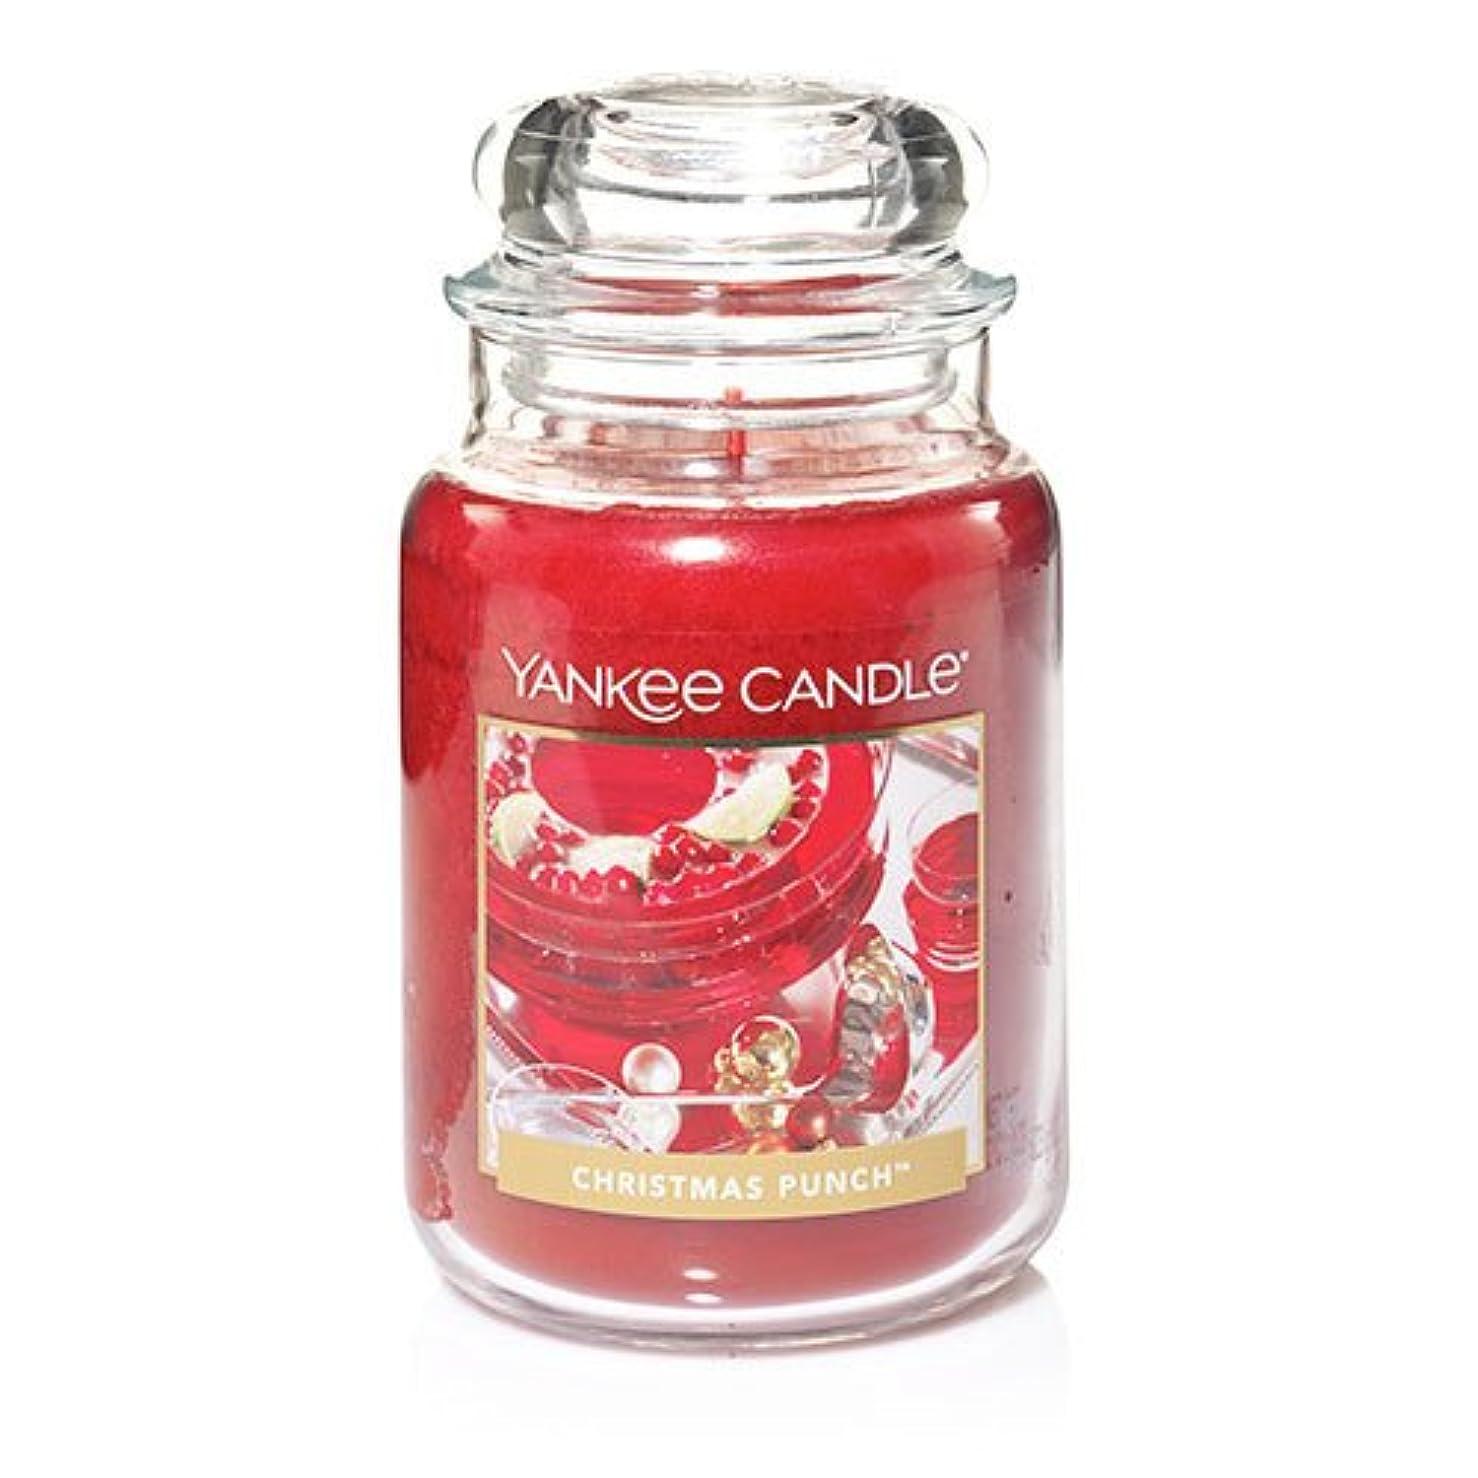 パターン対角線隔離Yankee CandleクリスマスパンチLarge Jar Candle